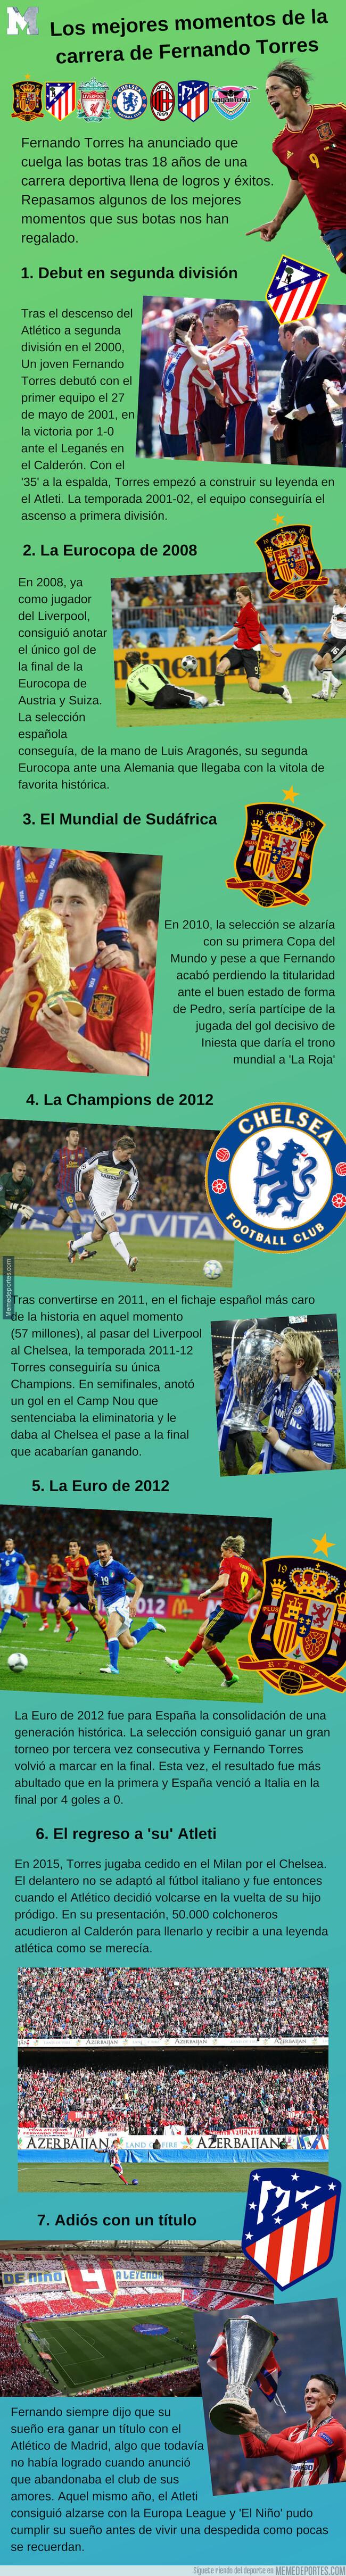 1078901 - Los mejores momentos de la carrera de Fernando Torres